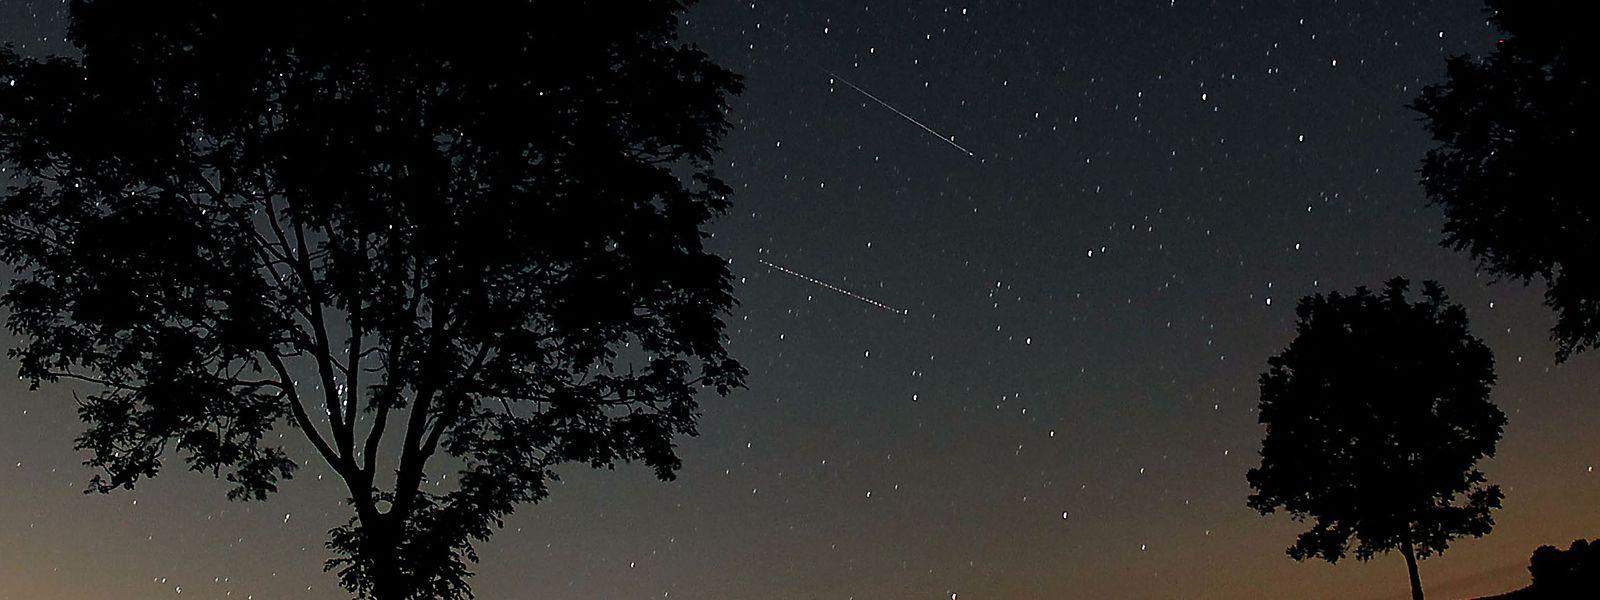 Sternschnuppen auf einer Aufnahme aus dem Jahr 2012.